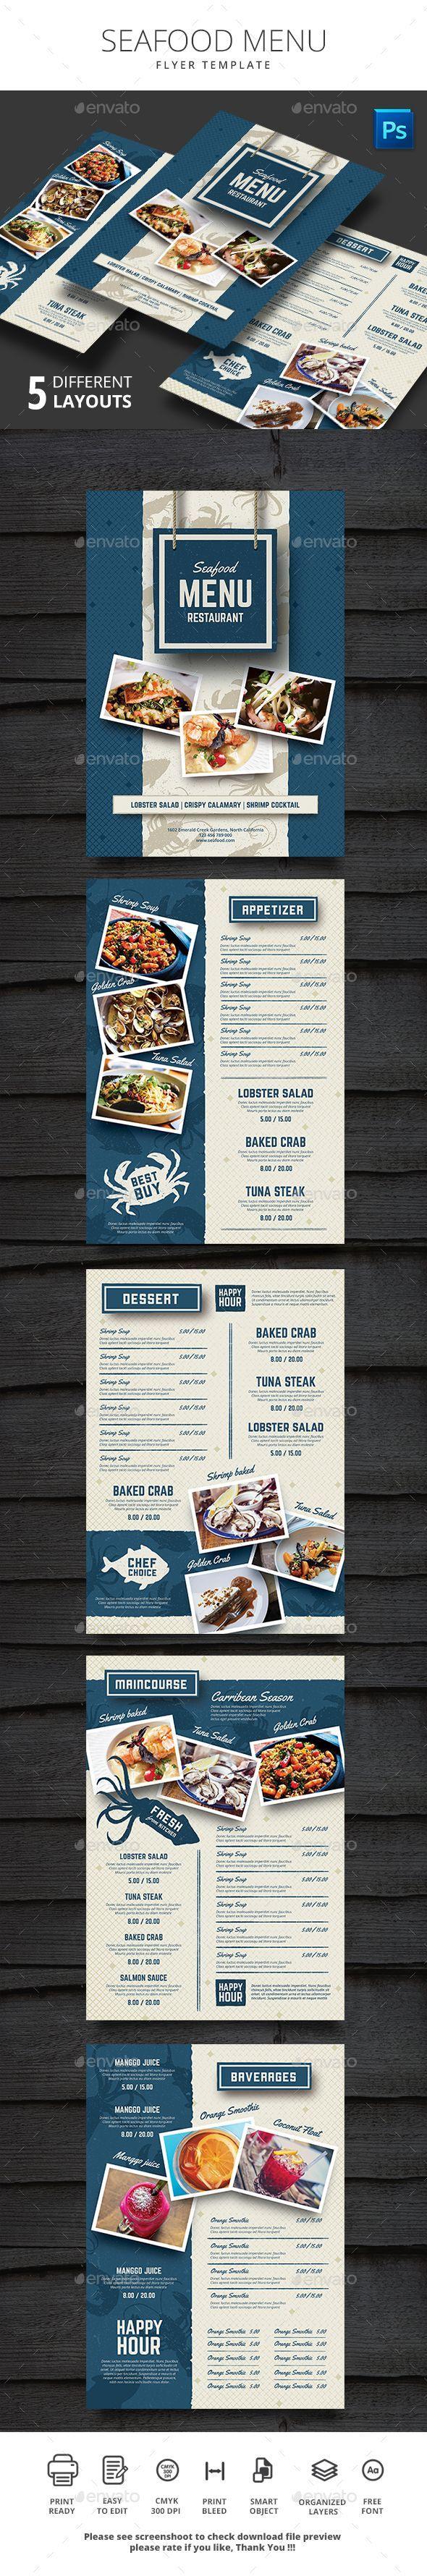 seafood restauran menu design template - food menus print template